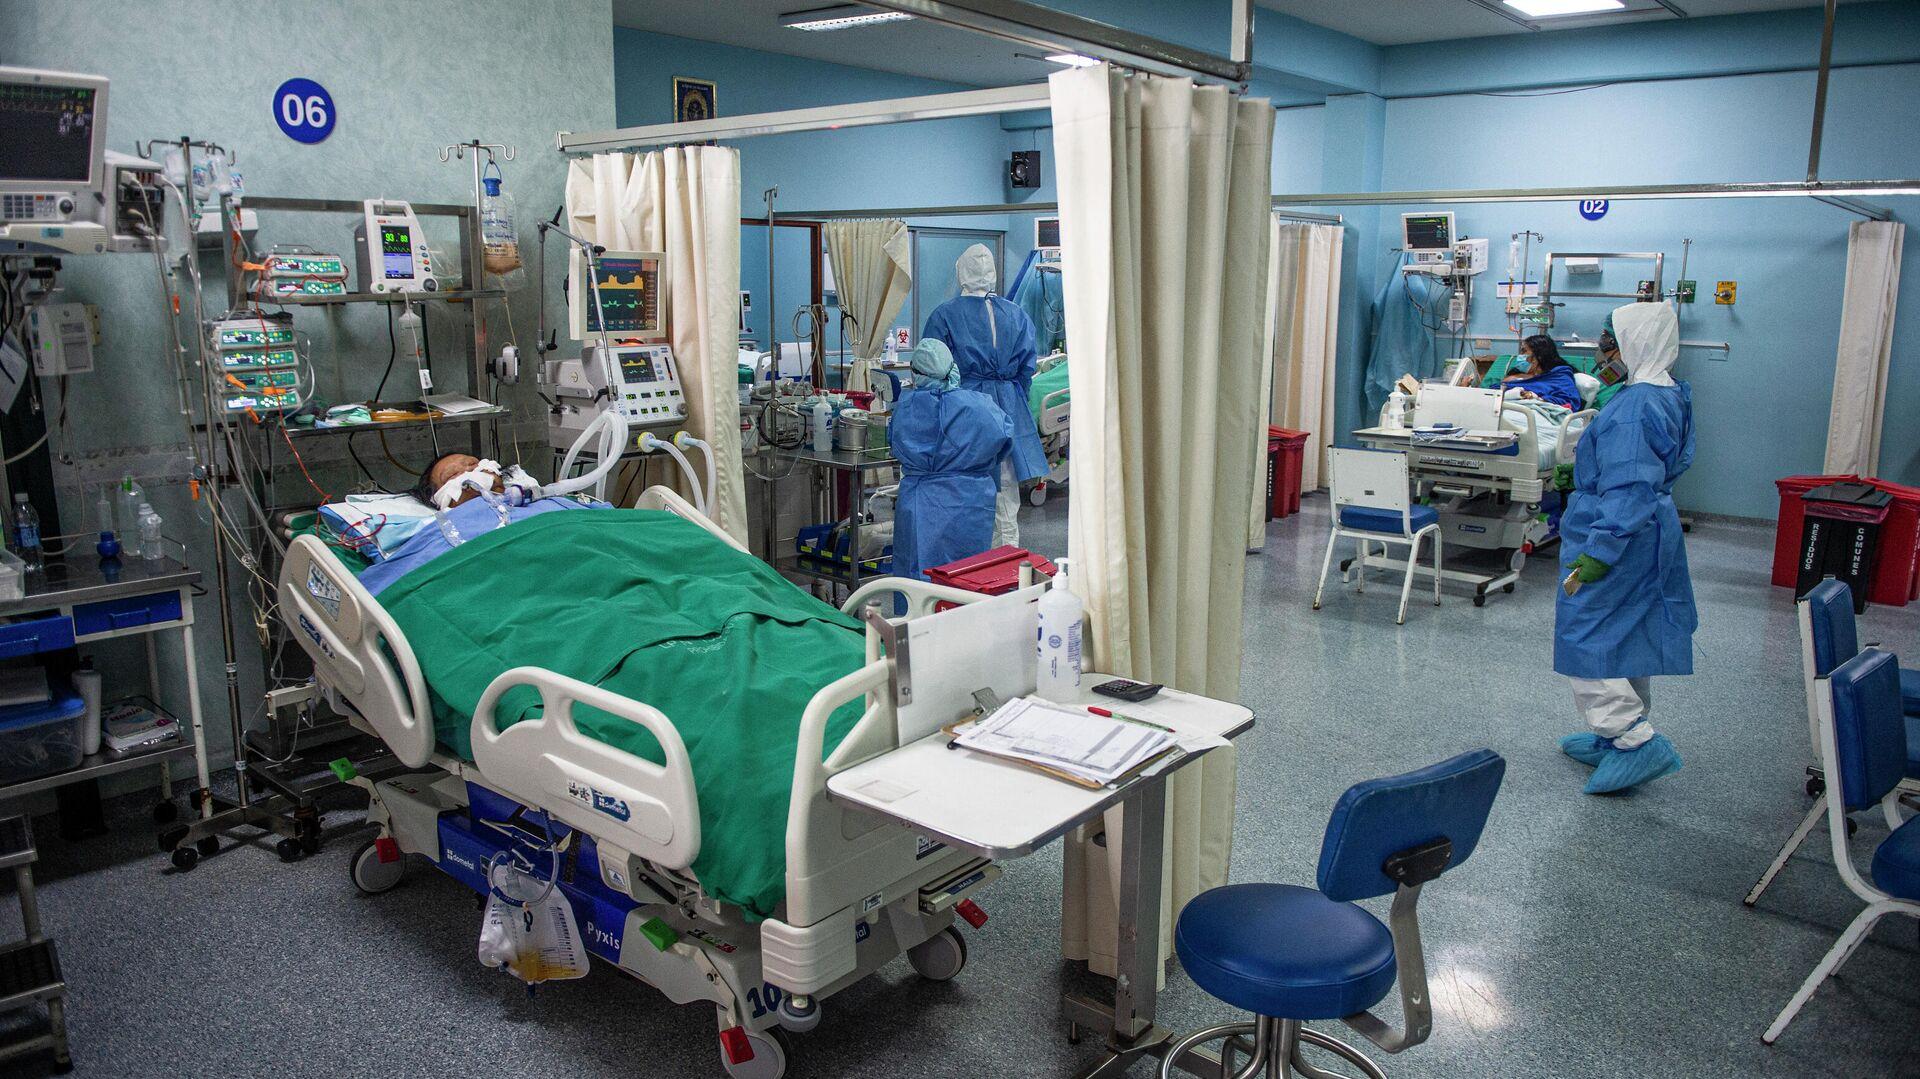 Hospital con pacientes con COVID-19 en Lima, Perú - Sputnik Mundo, 1920, 03.03.2021